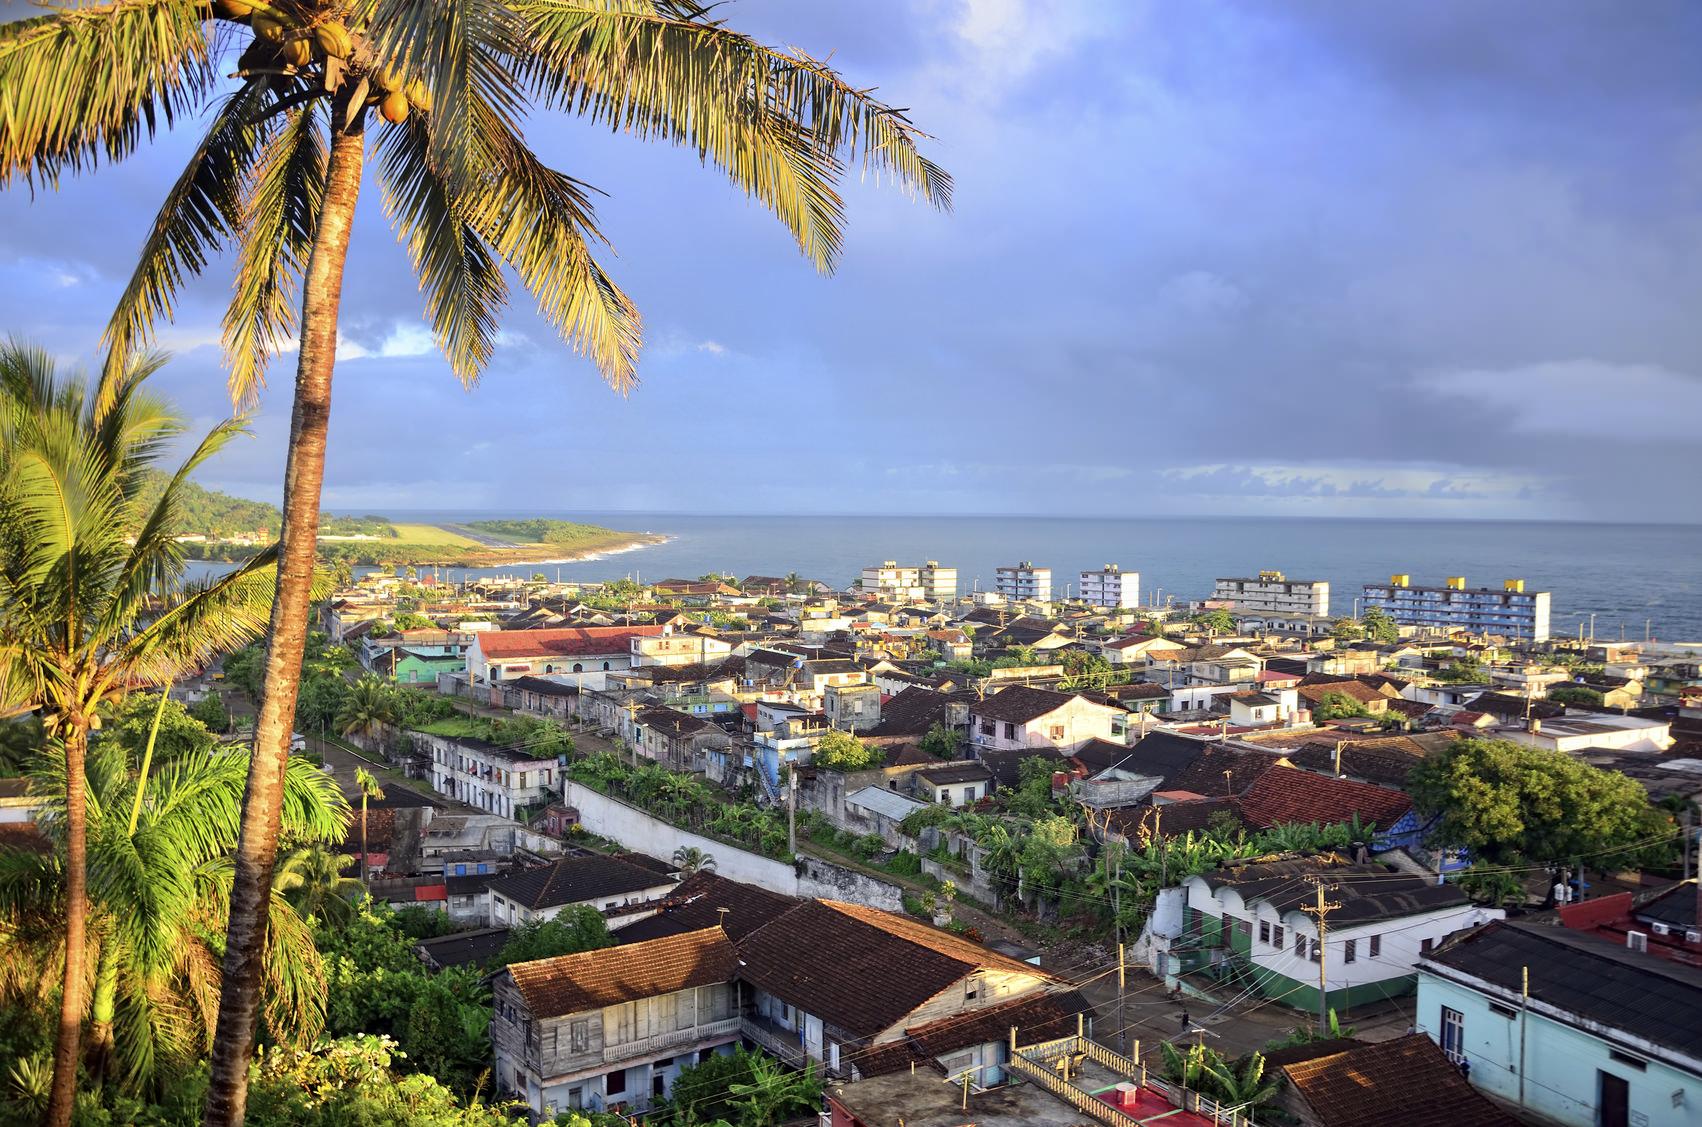 Gibara - Le migliori location da fotografare a Cuba